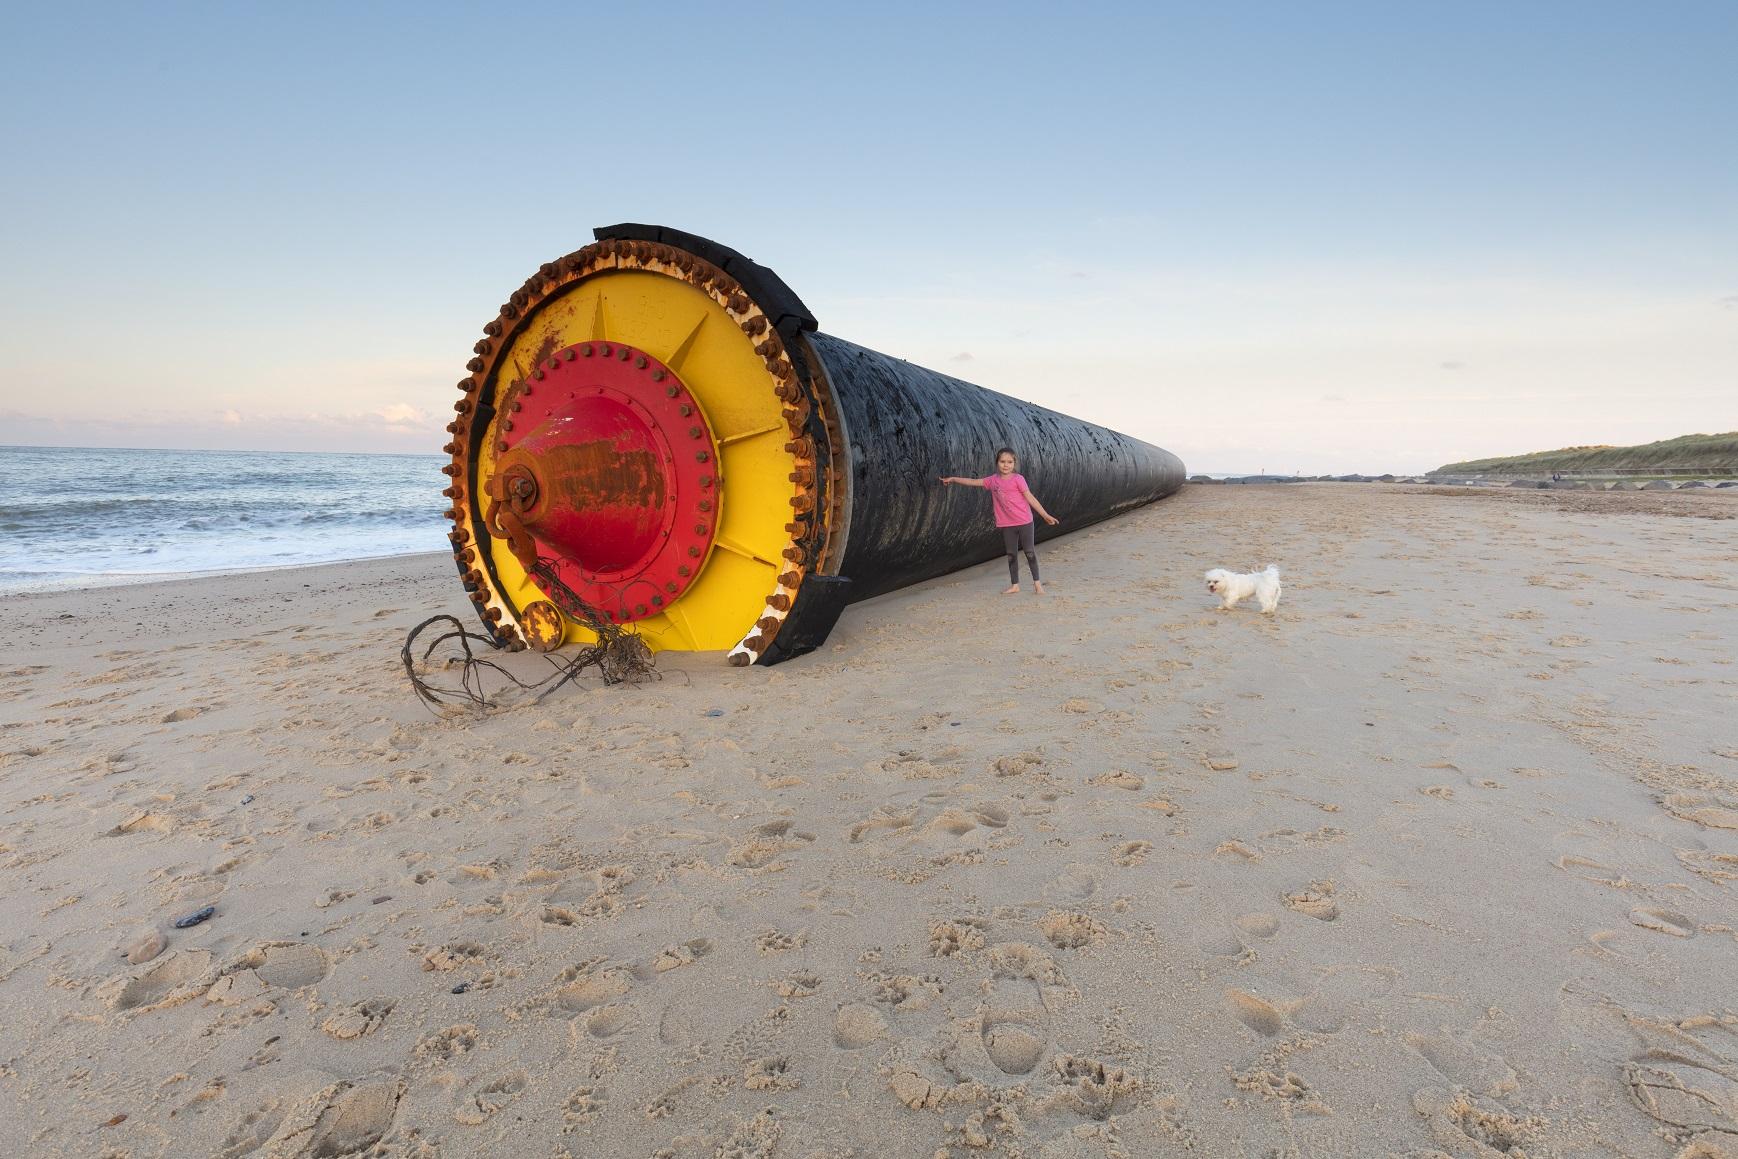 Tubes washed ashore